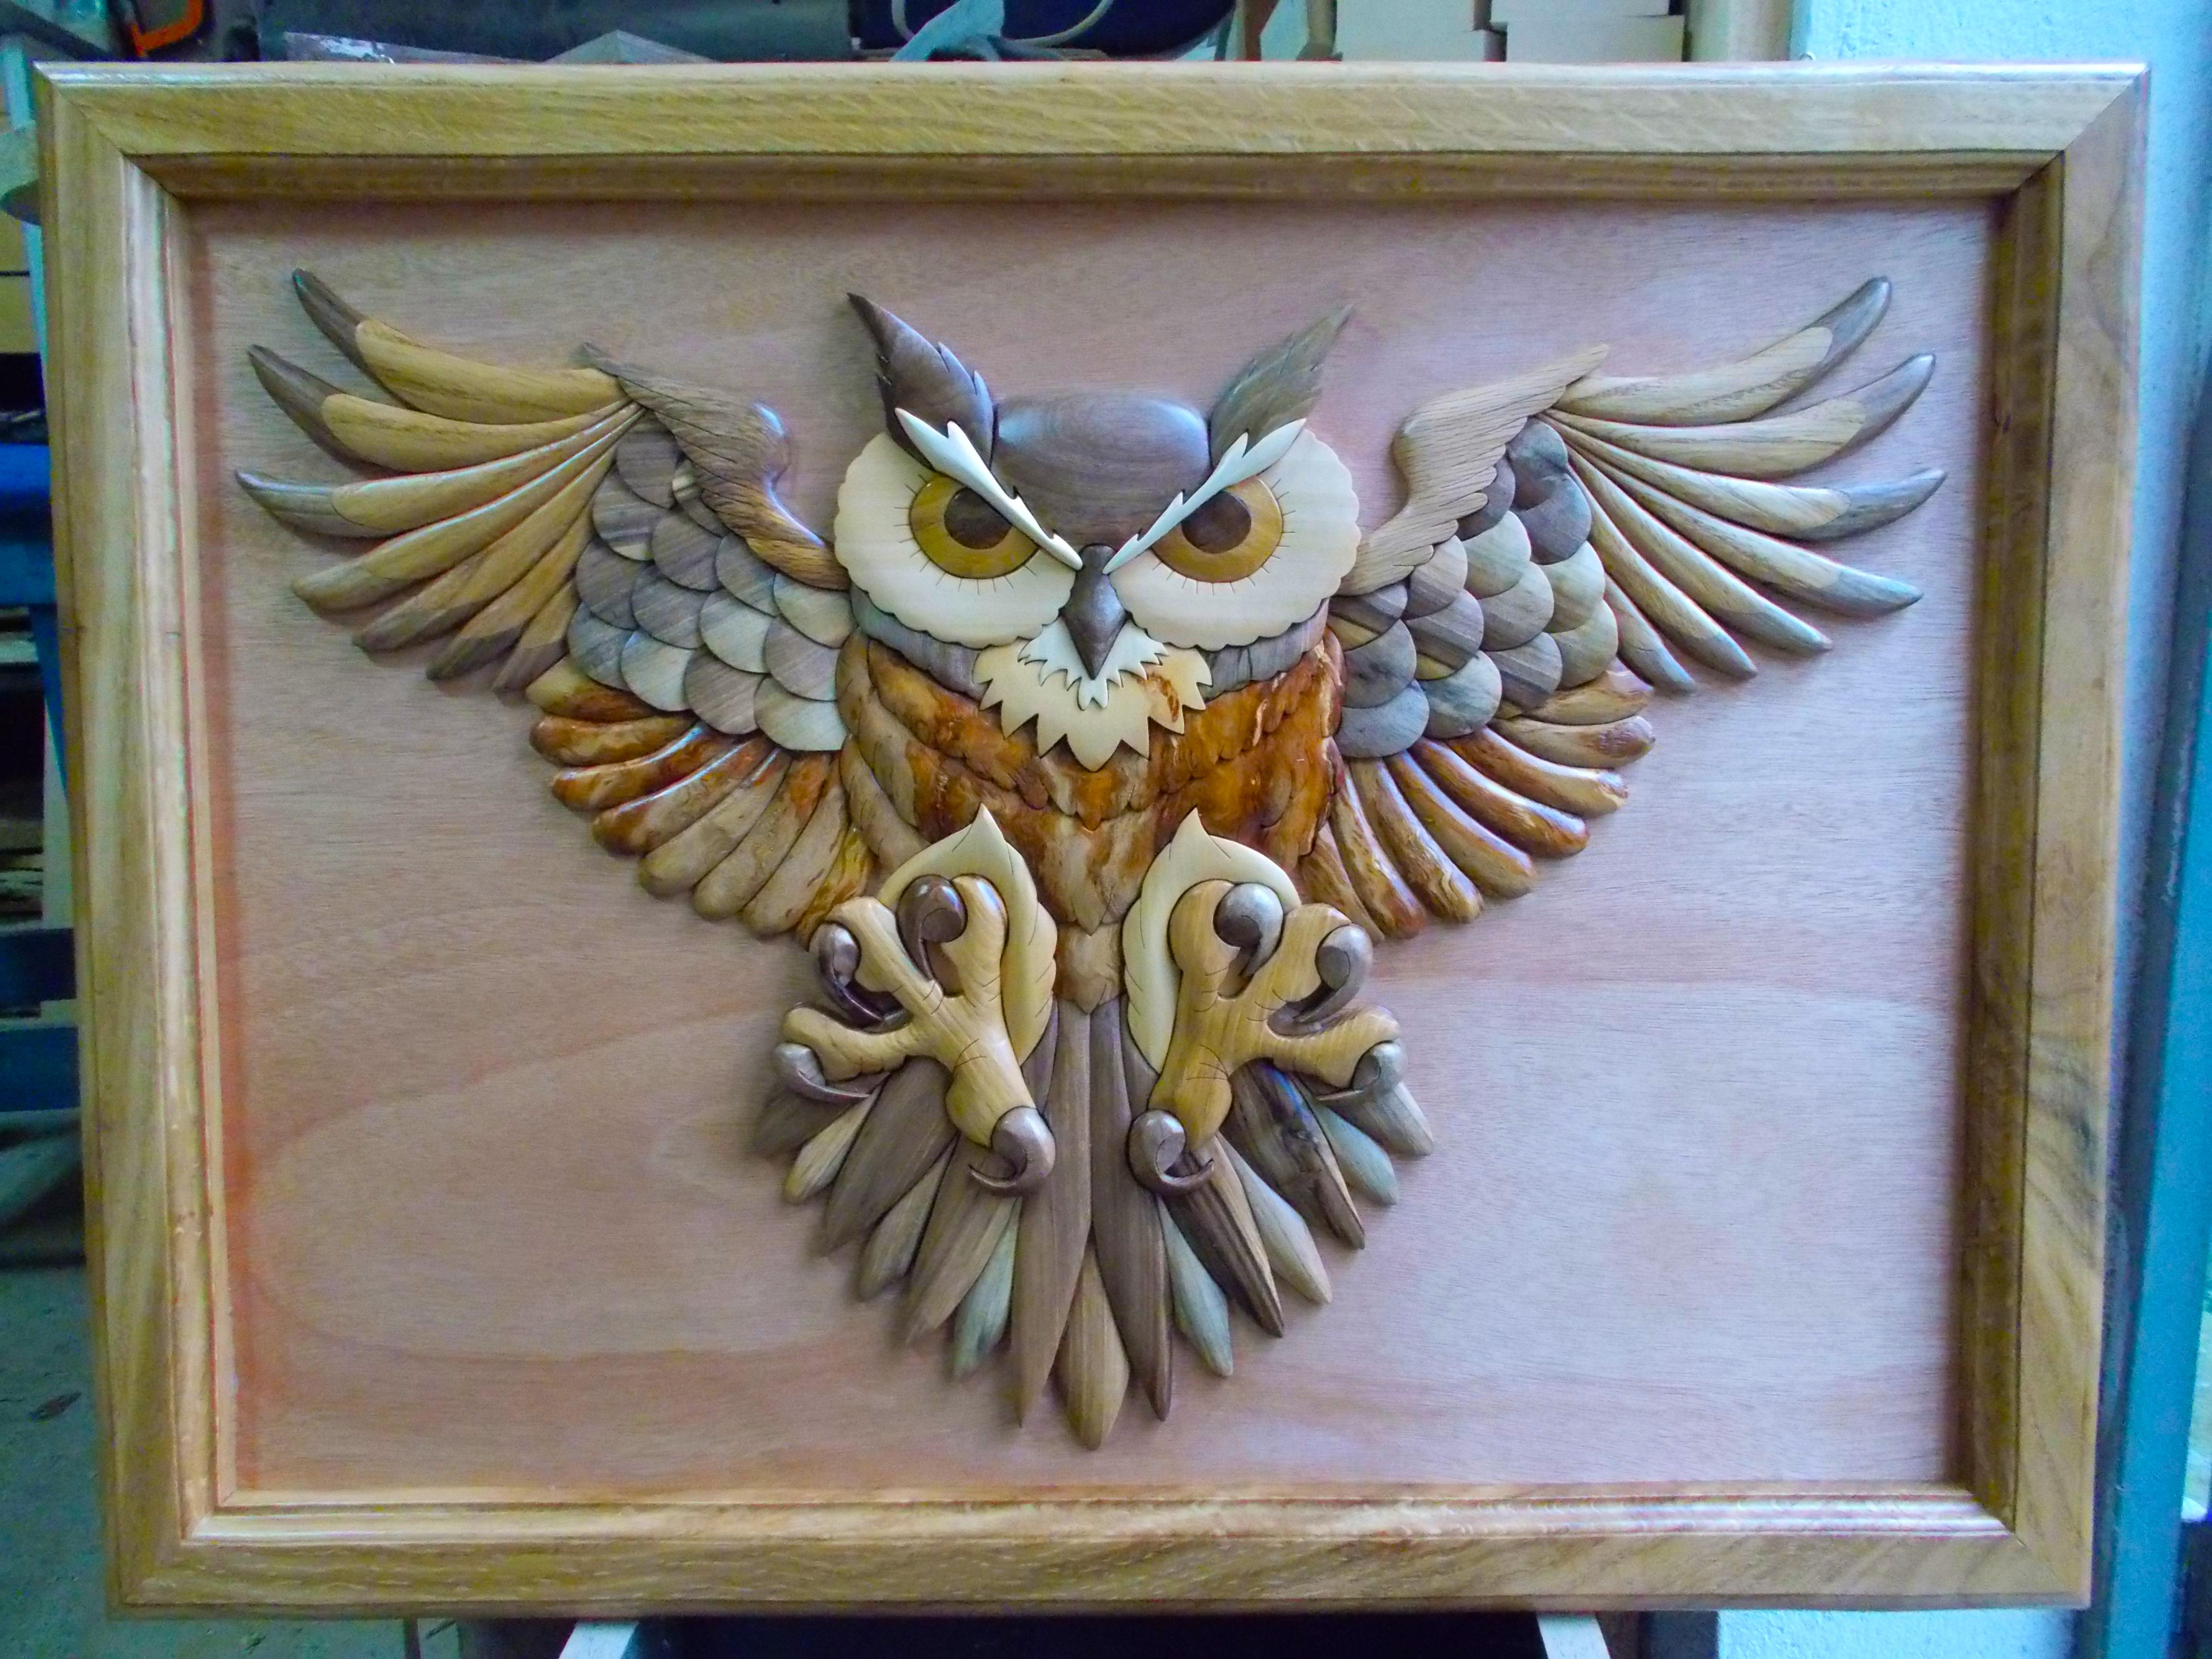 Owl by carkralj on deviantart